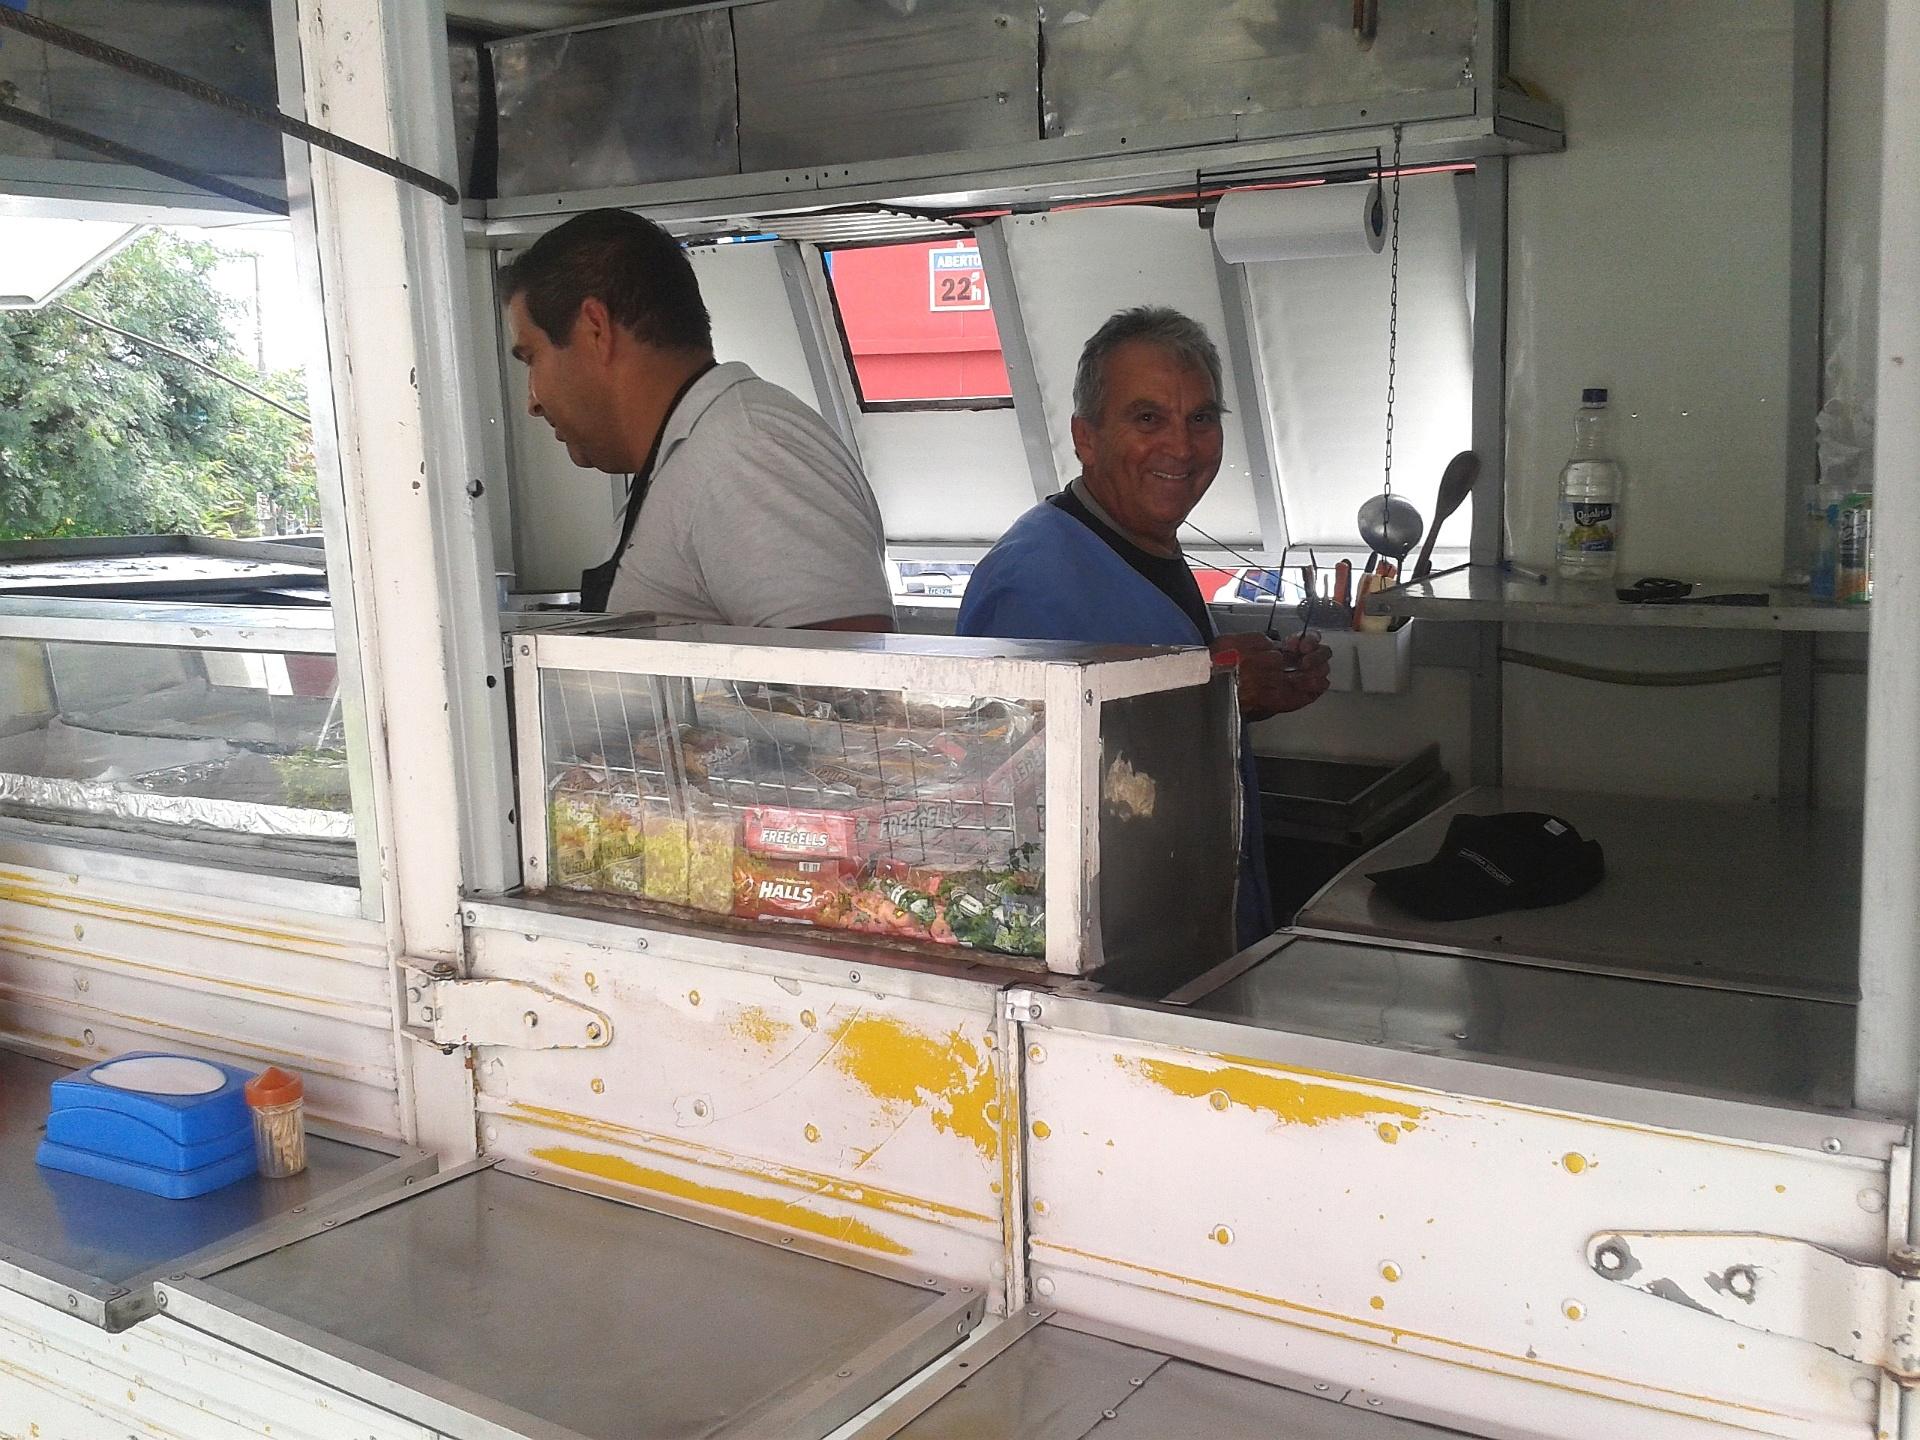 Wilson de Oliveira Botelho Júnior (de branco) e o pai (de azul) vendem hot dog em uma Kombi adaptada próxima à praça Panamericana, na zona oeste de São Paulo (SP)